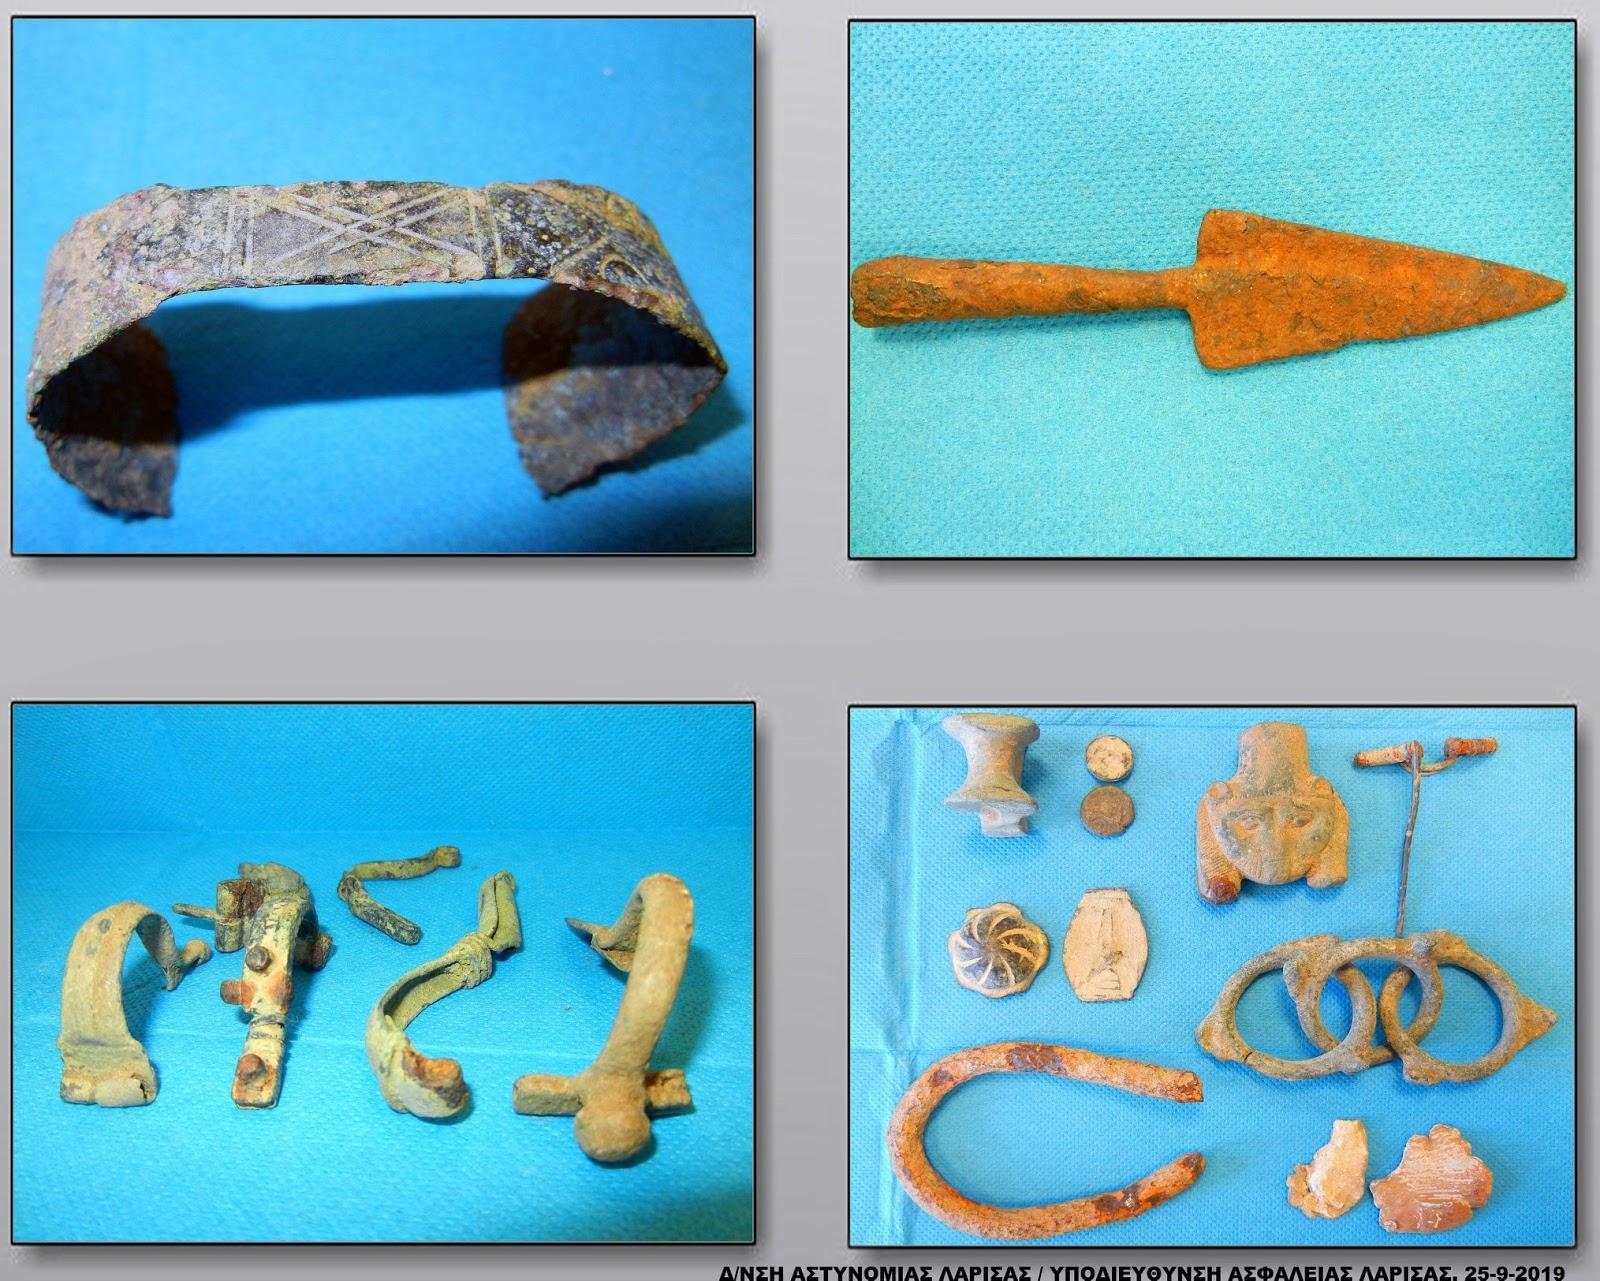 Δύο ακόμα νέες συλλήψεις για το κύκλωμα αρχαιοκάπηλων στη Θεσσαλία